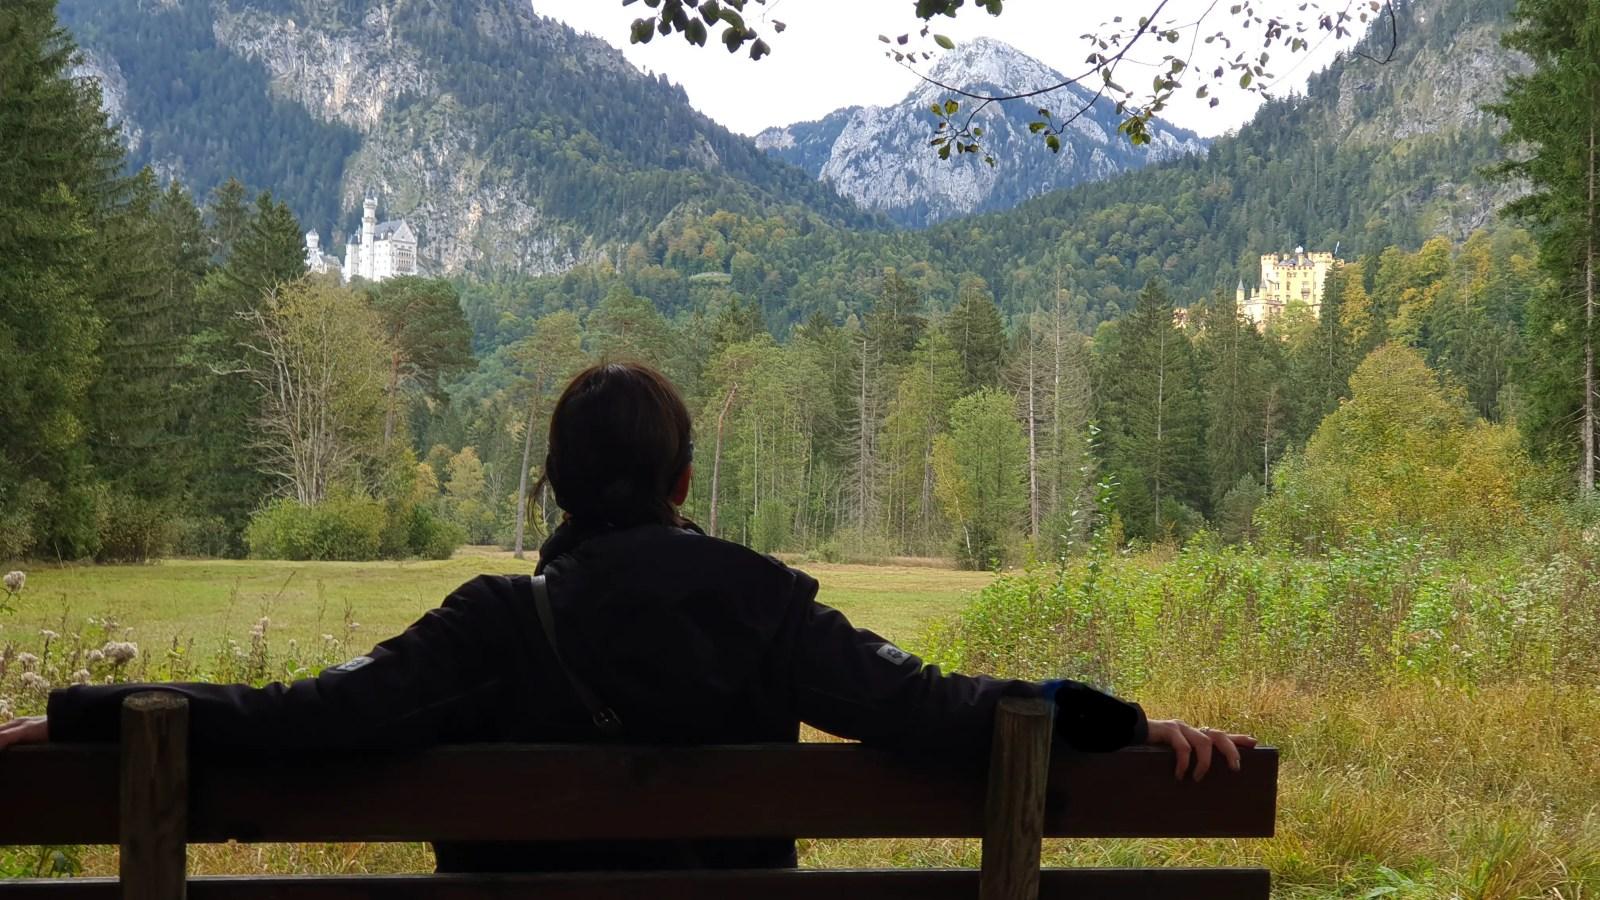 Sehnsuchtsort Schlosspark, Romantische Ausflüge im Allgäu